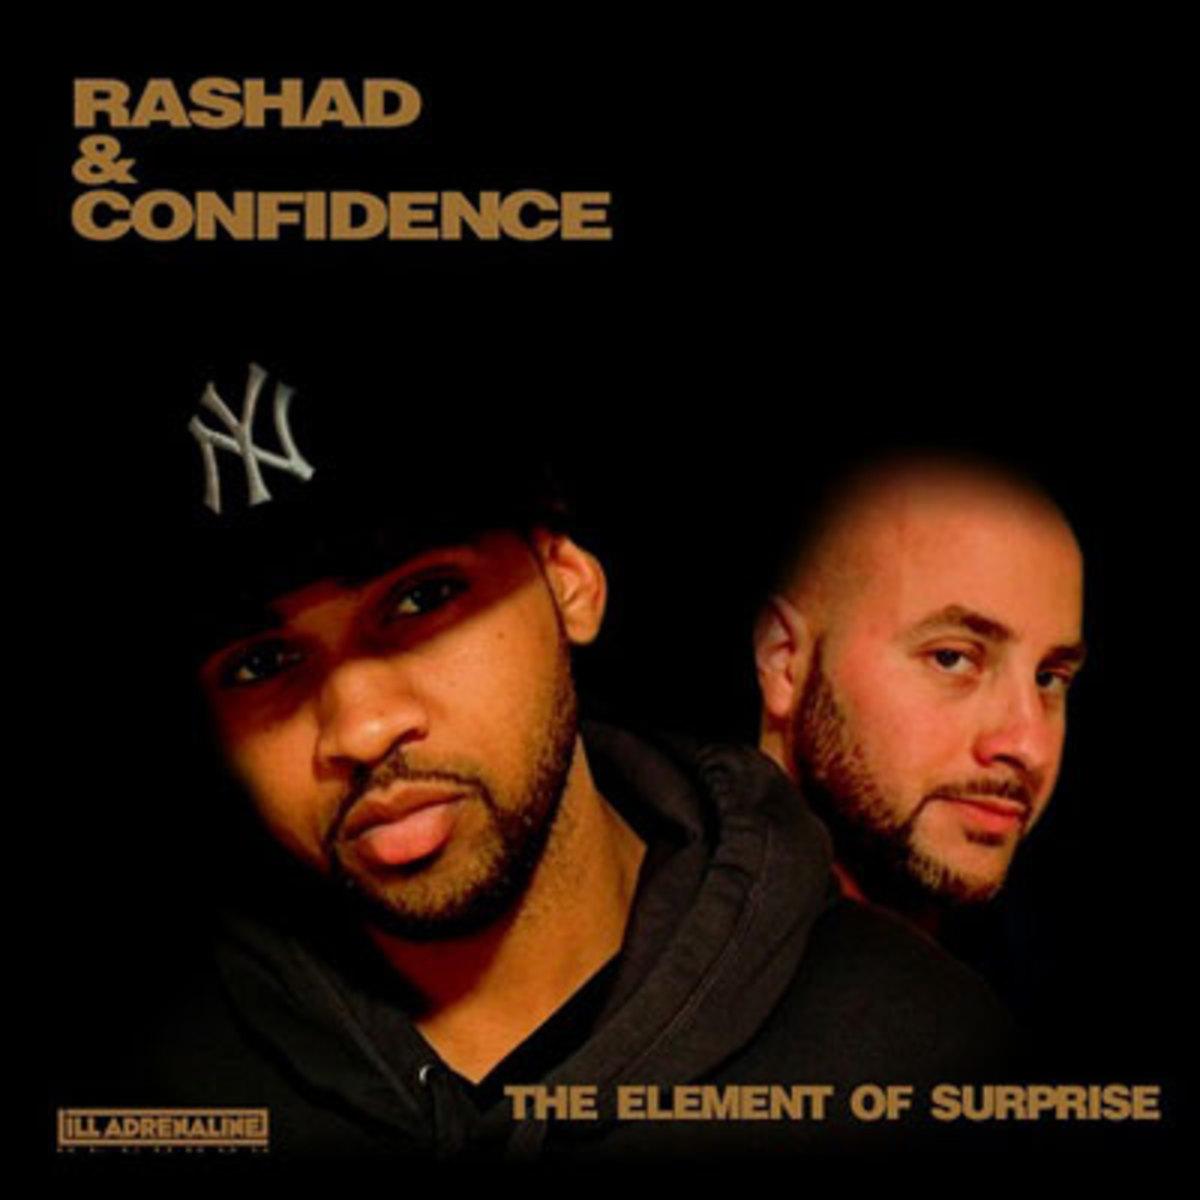 rashad-confidence.jpg